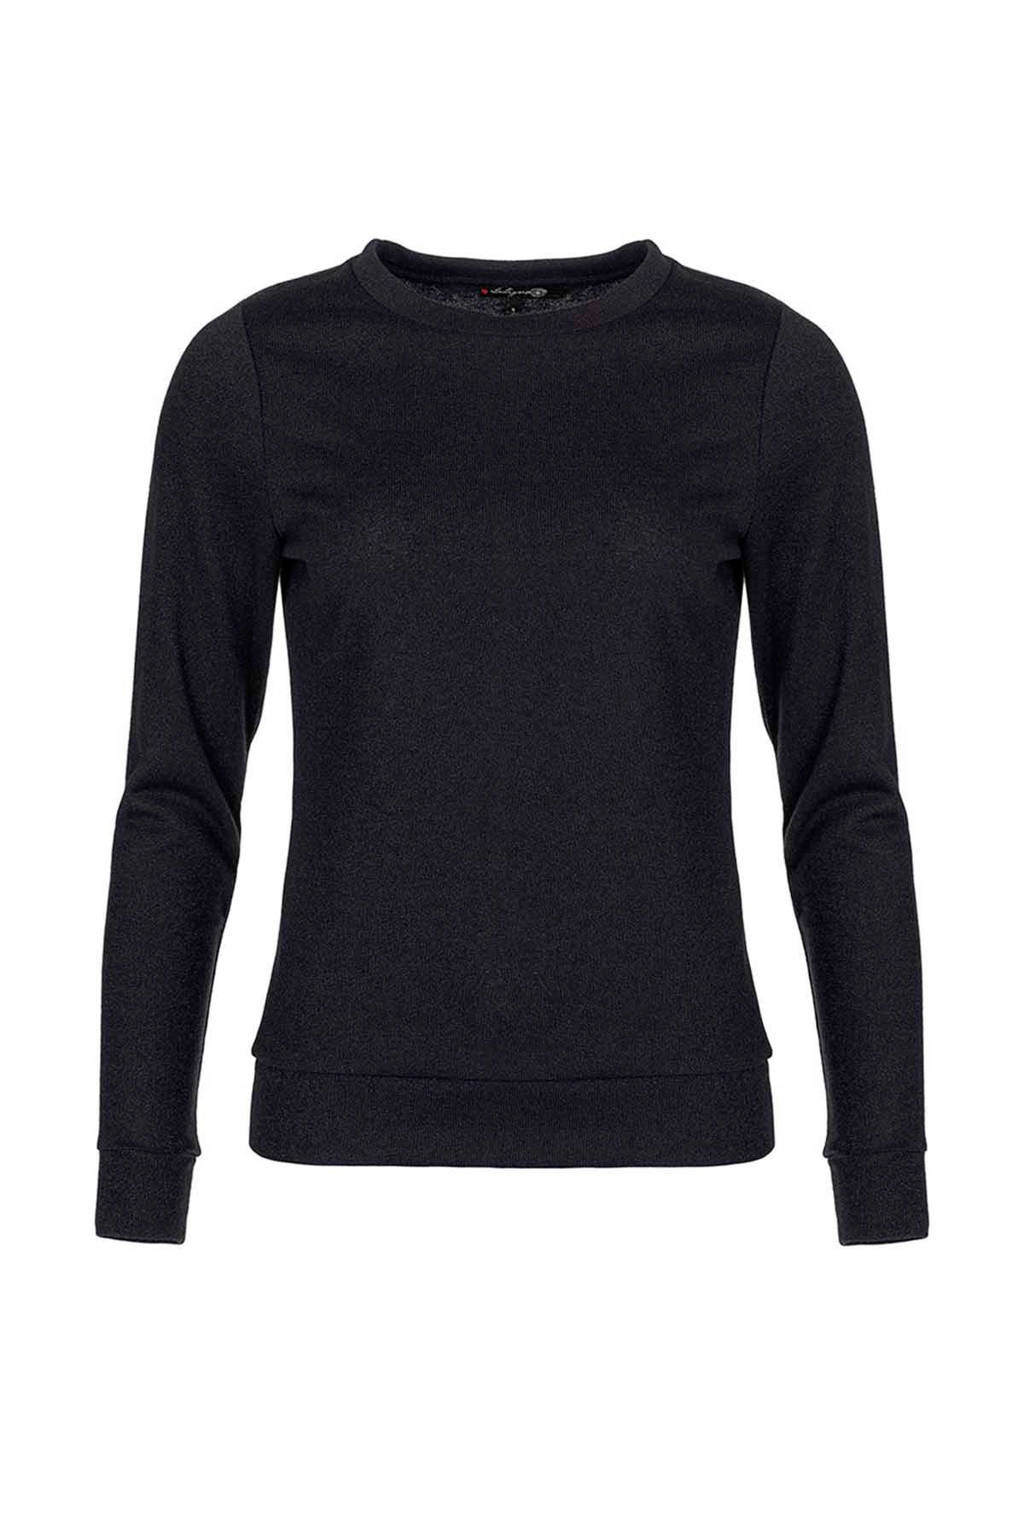 La Ligna glitter trui zwart, Zwart